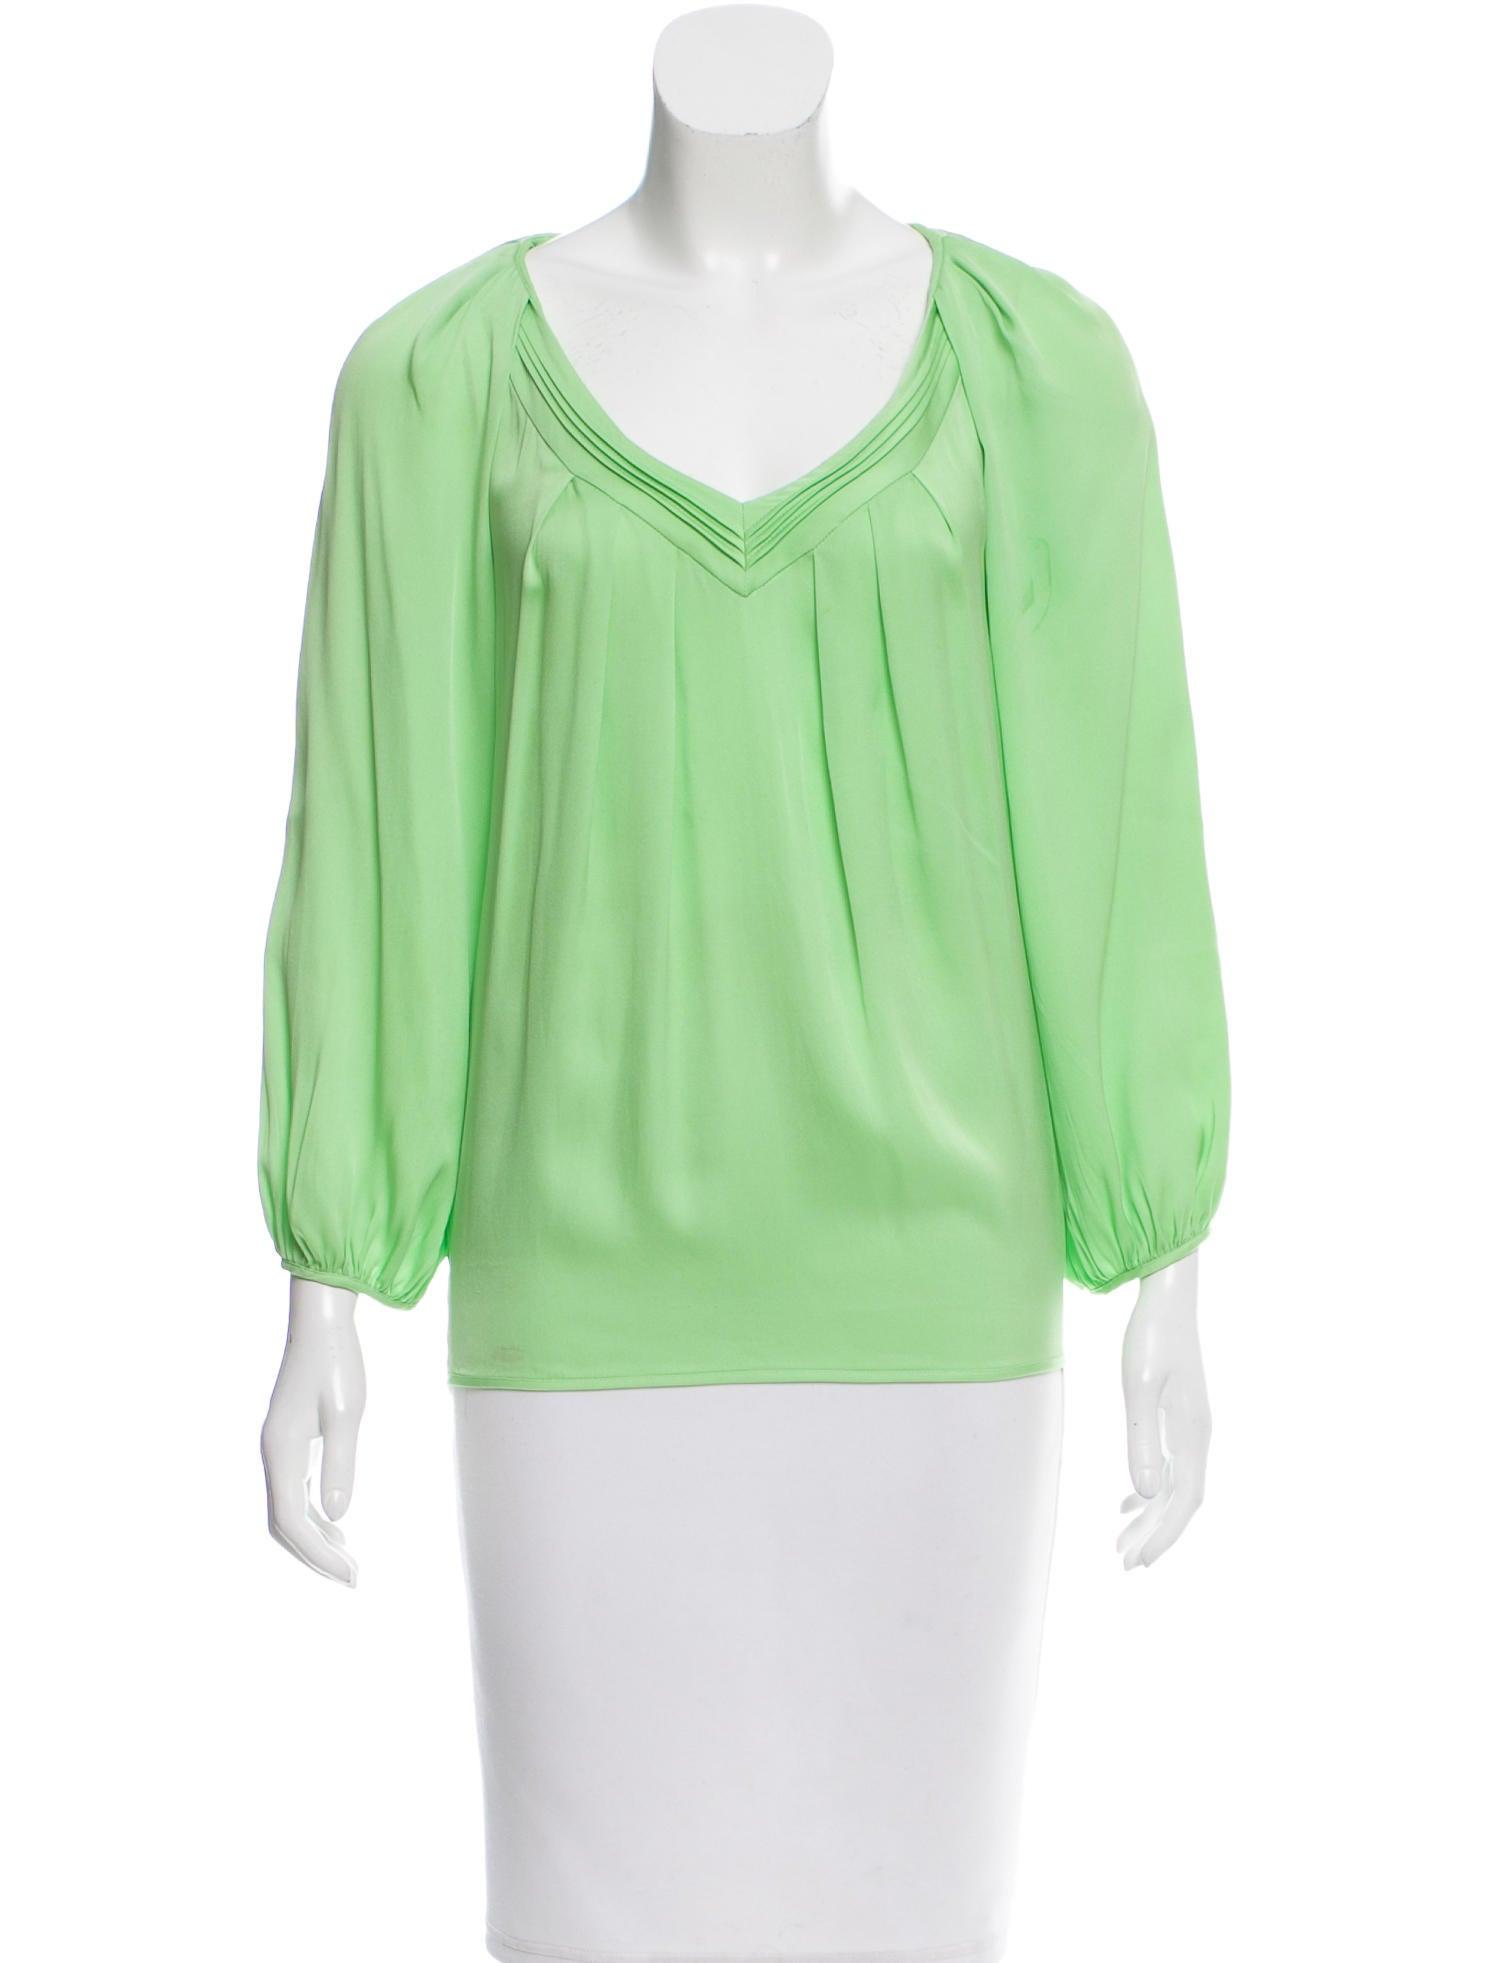 Diane von furstenberg silk cahil blouse clothing for Diane von furstenberg shirt